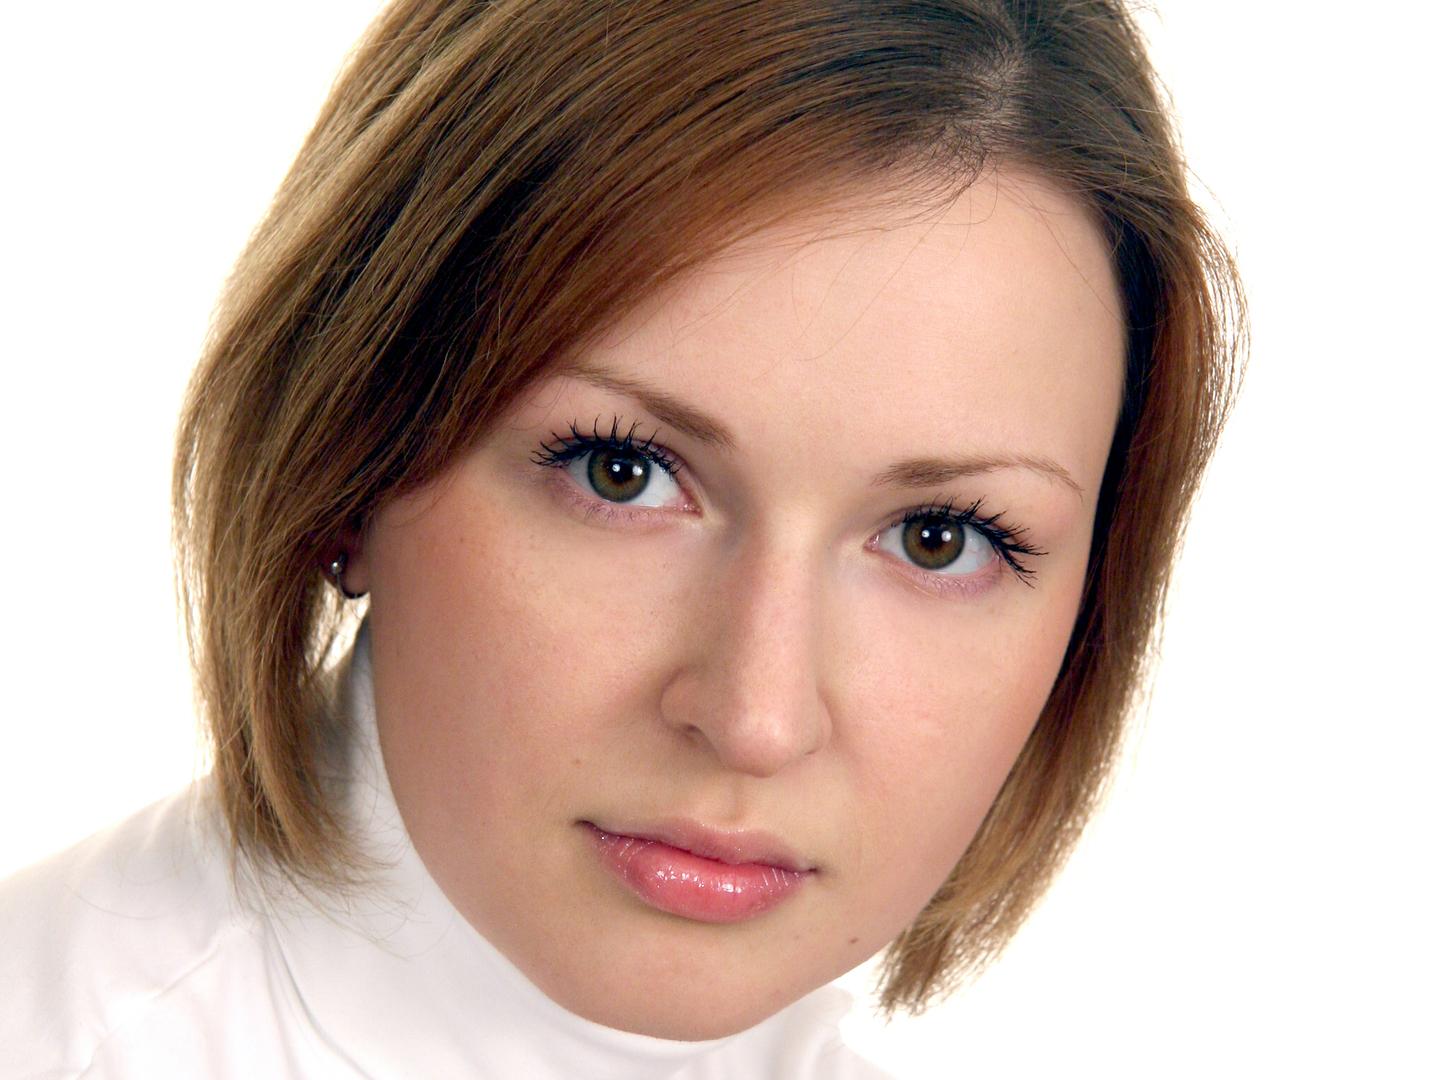 анна тараторкина и ее муж фото отзывы перед поездкой